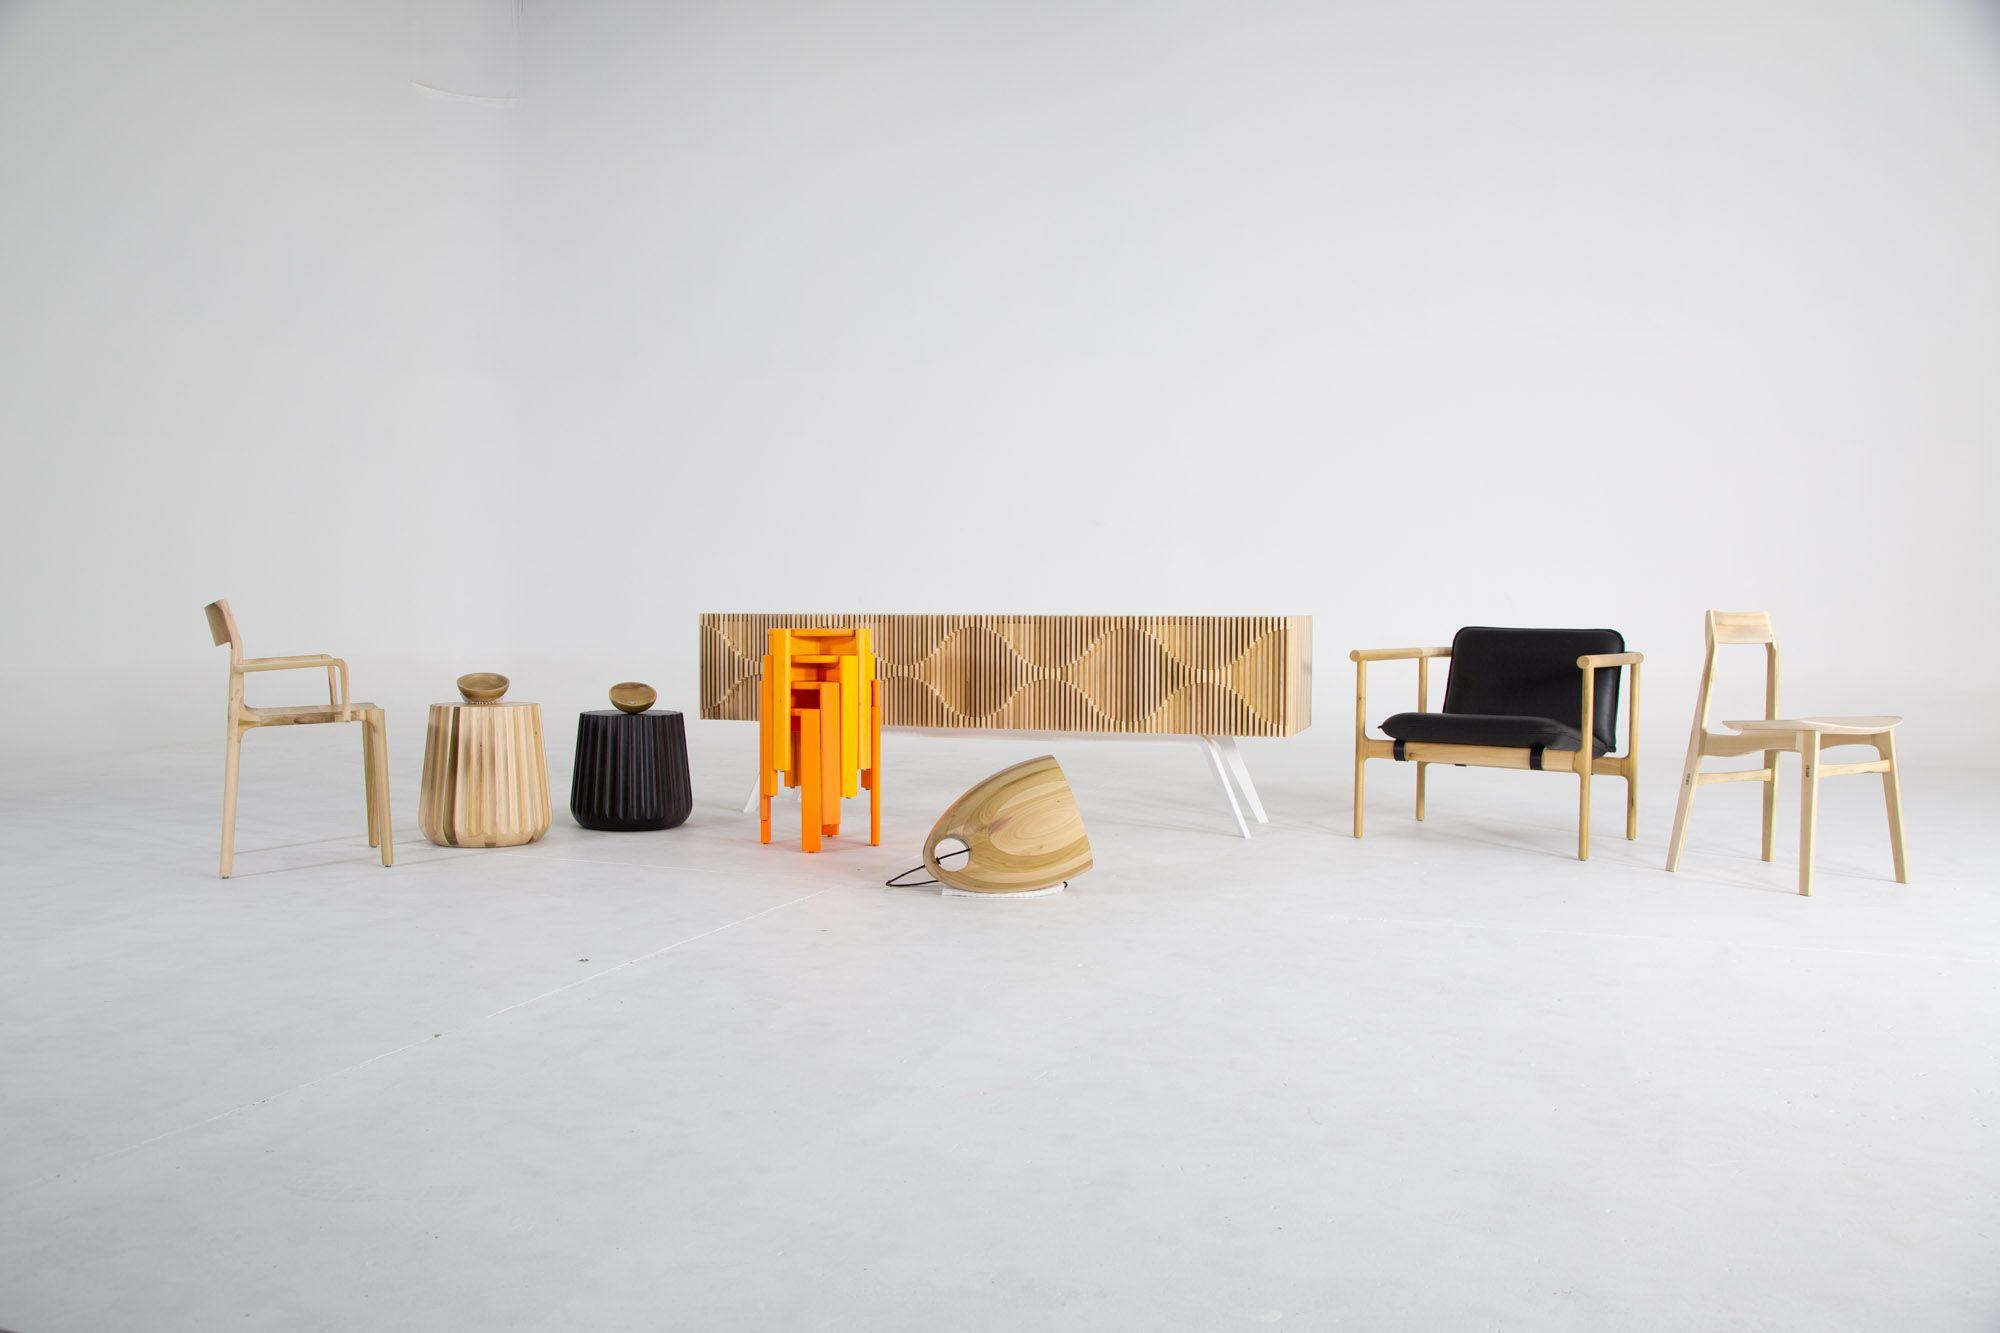 Mobili Di Design Famosi : Mobili in legno ecco i nomi dei designer famosi ed emergenti che